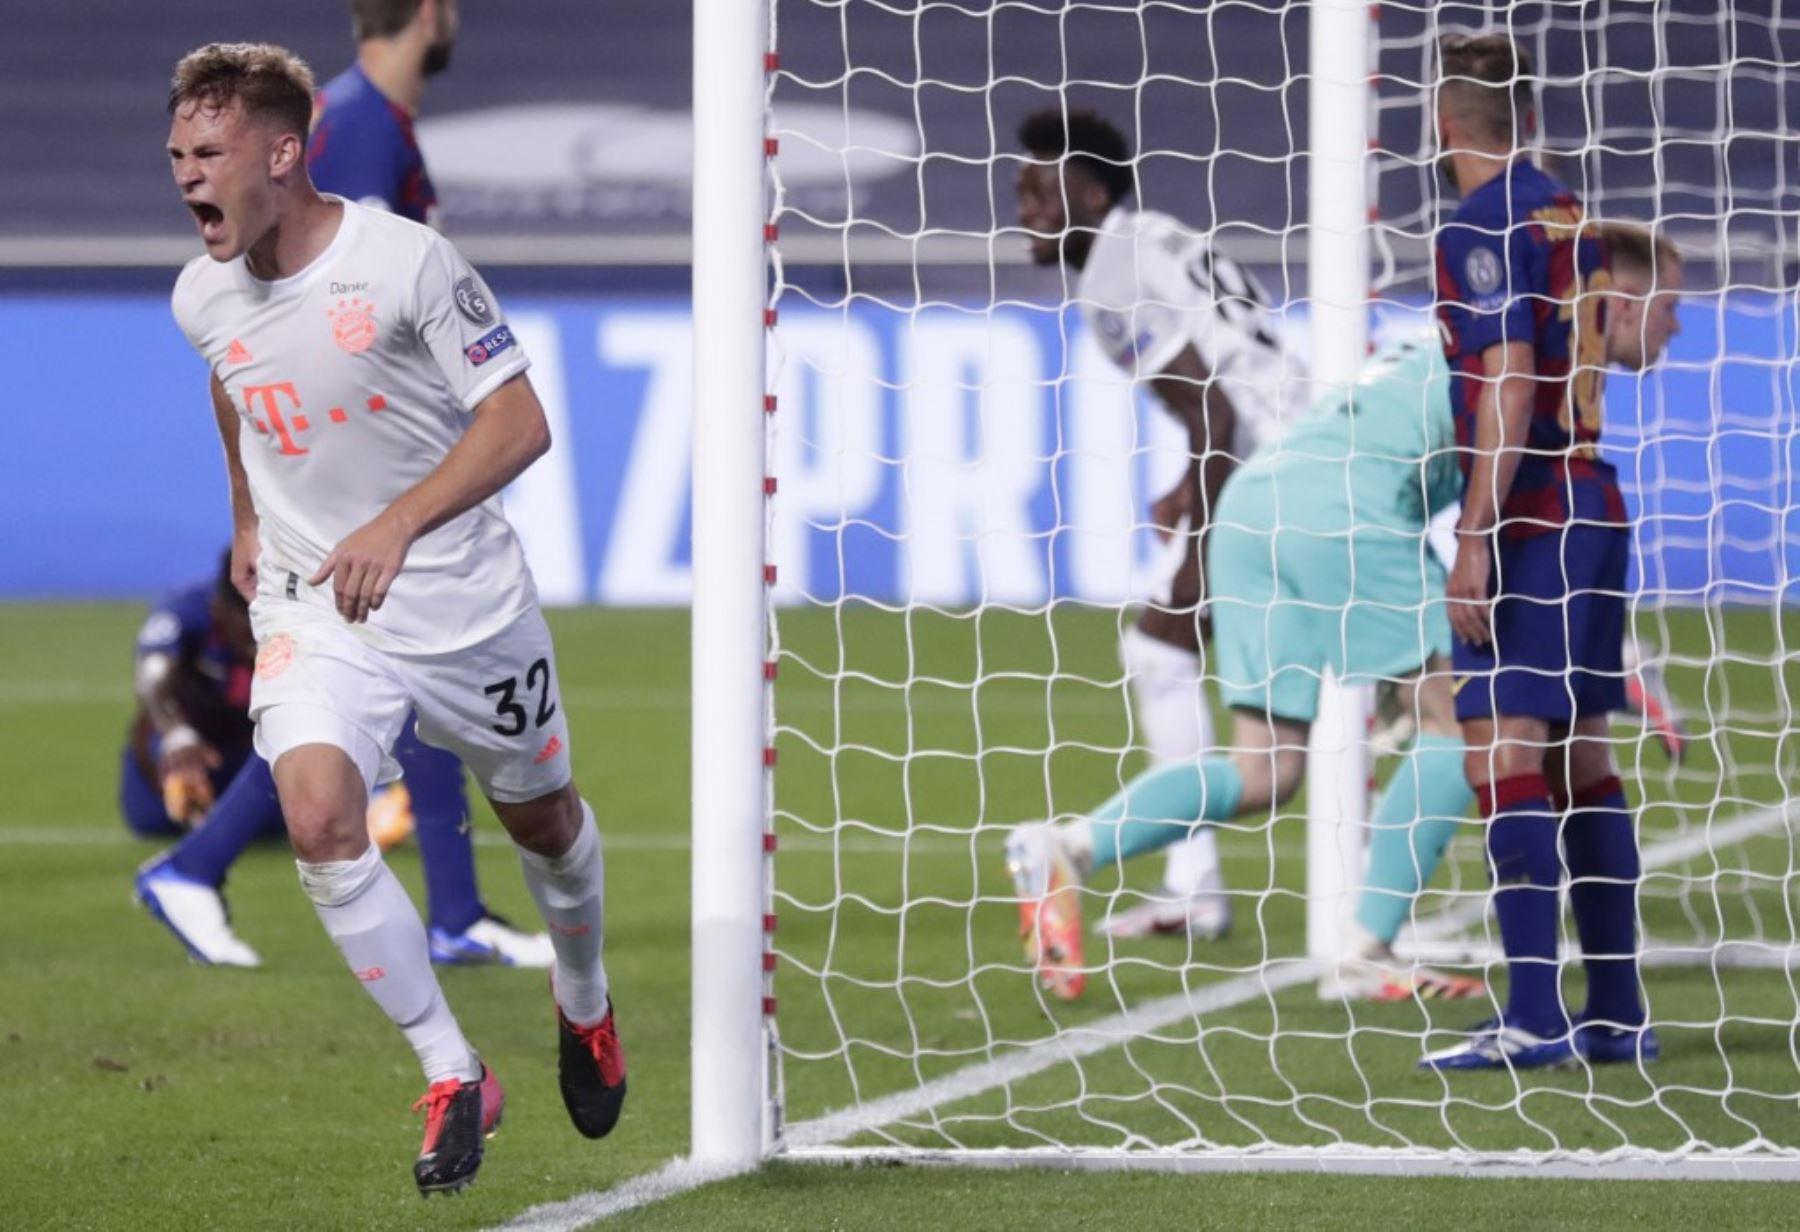 El centrocampista alemán del Bayern Munich Joshua Kimmich. Celebra después de anotar el quinto gol de su equipo durante el partido de fútbol de cuartos de final de la UEFA Champions League entre el Barcelona y el Bayern Munich en el estadio Luz de Lisboa.Foto: AFP